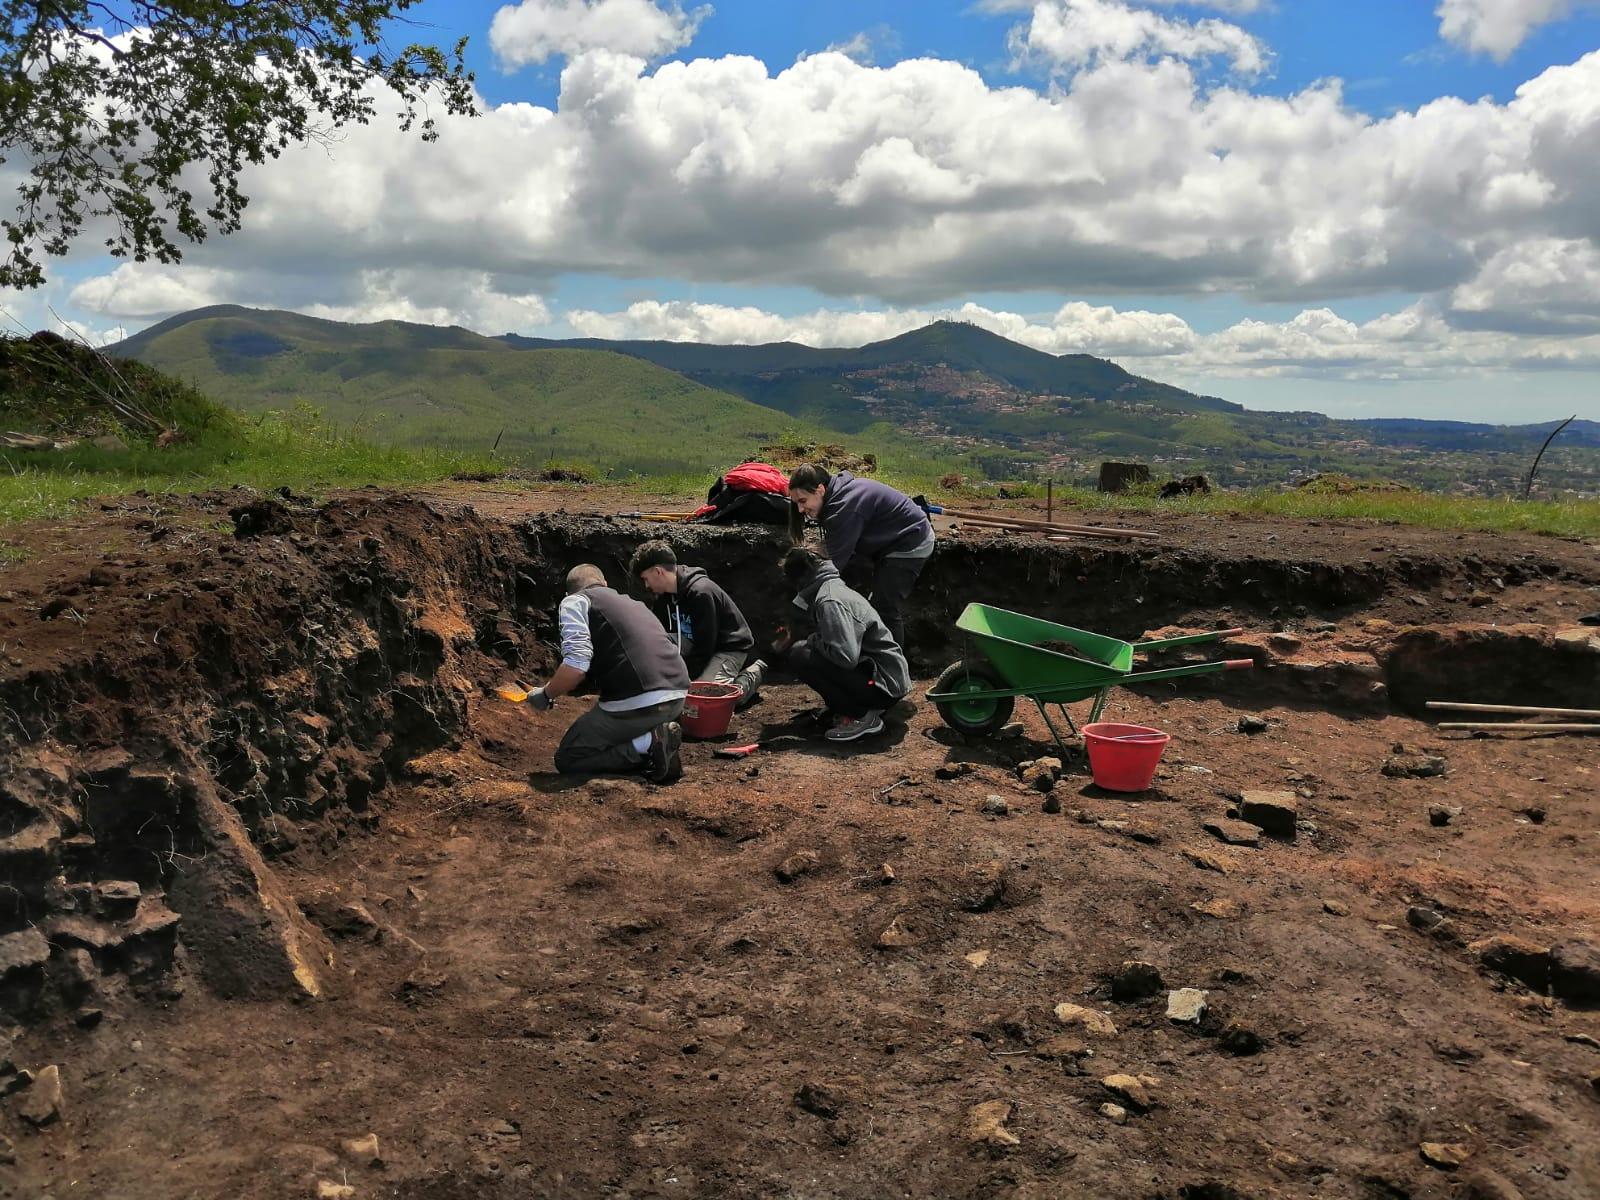 XXII Campagna di scavo - Si tirano le somme di nuove scoperte e future ricerche